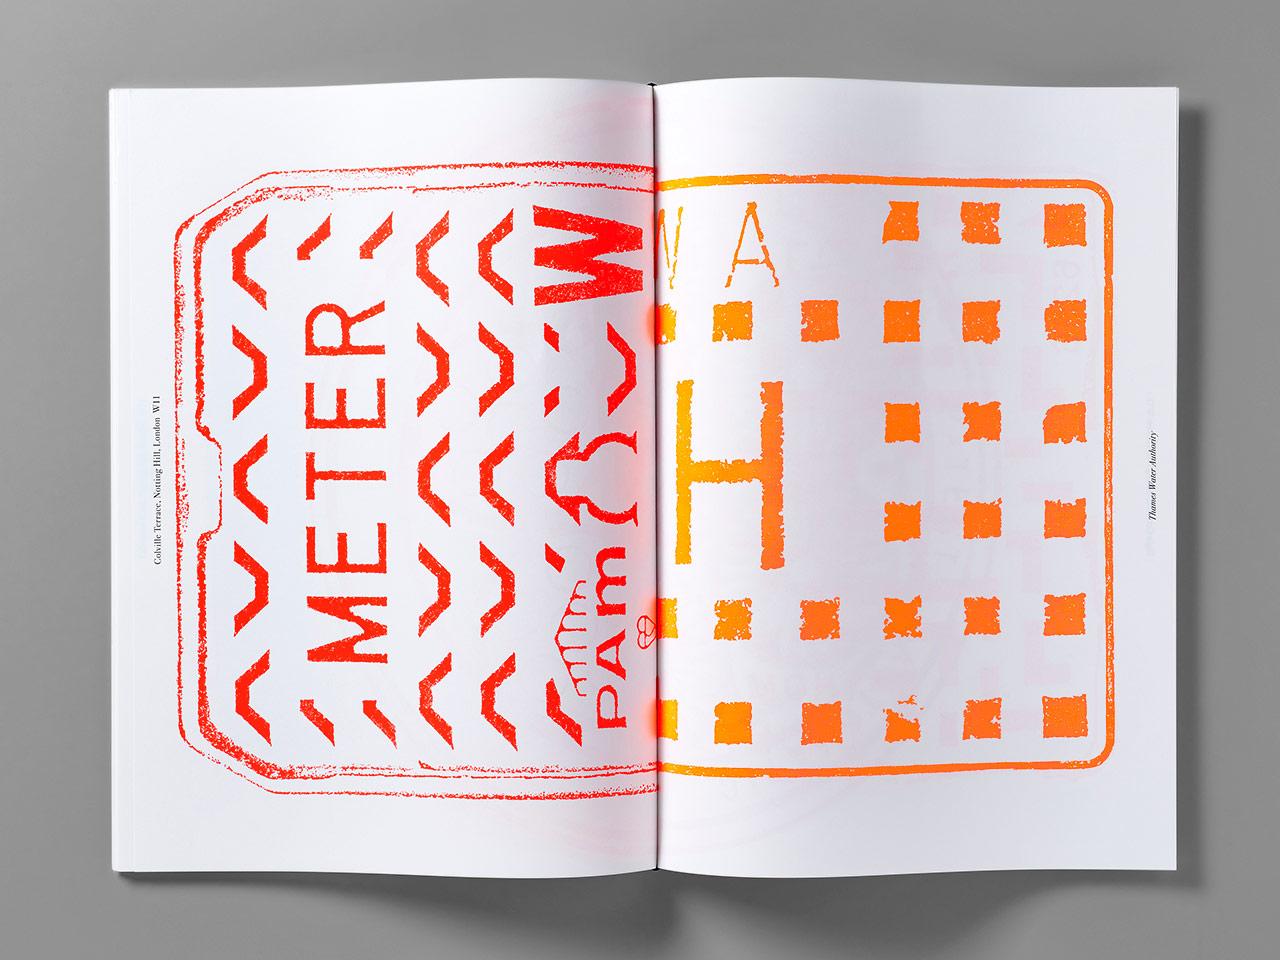 Pentagram_Overlooked-PP-book_21